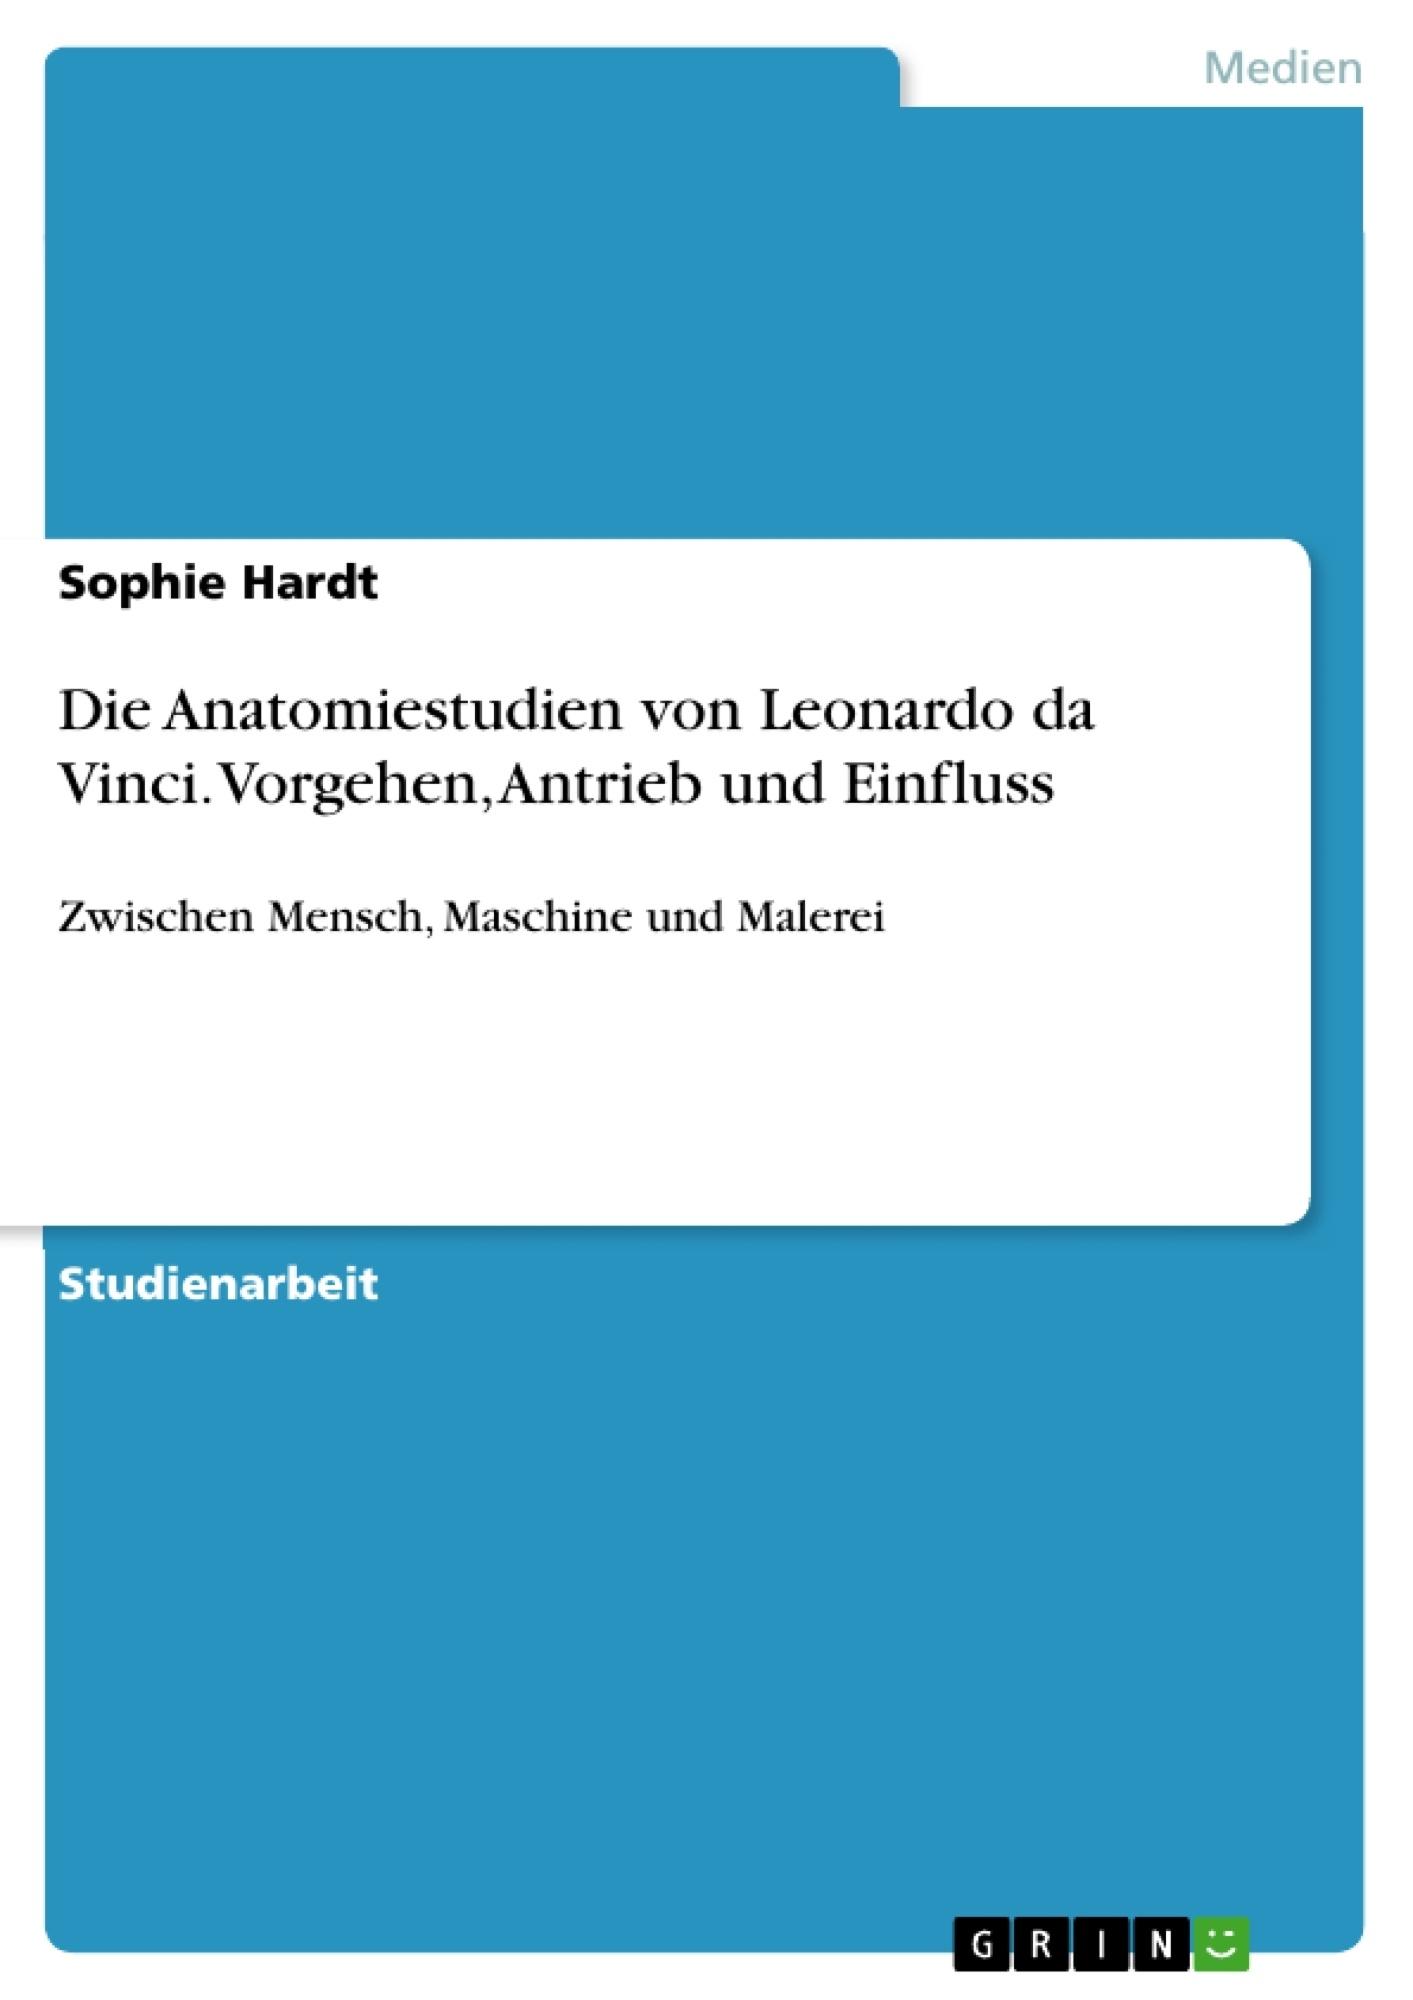 Titel: Die Anatomiestudien von Leonardo da Vinci. Vorgehen, Antrieb und Einfluss